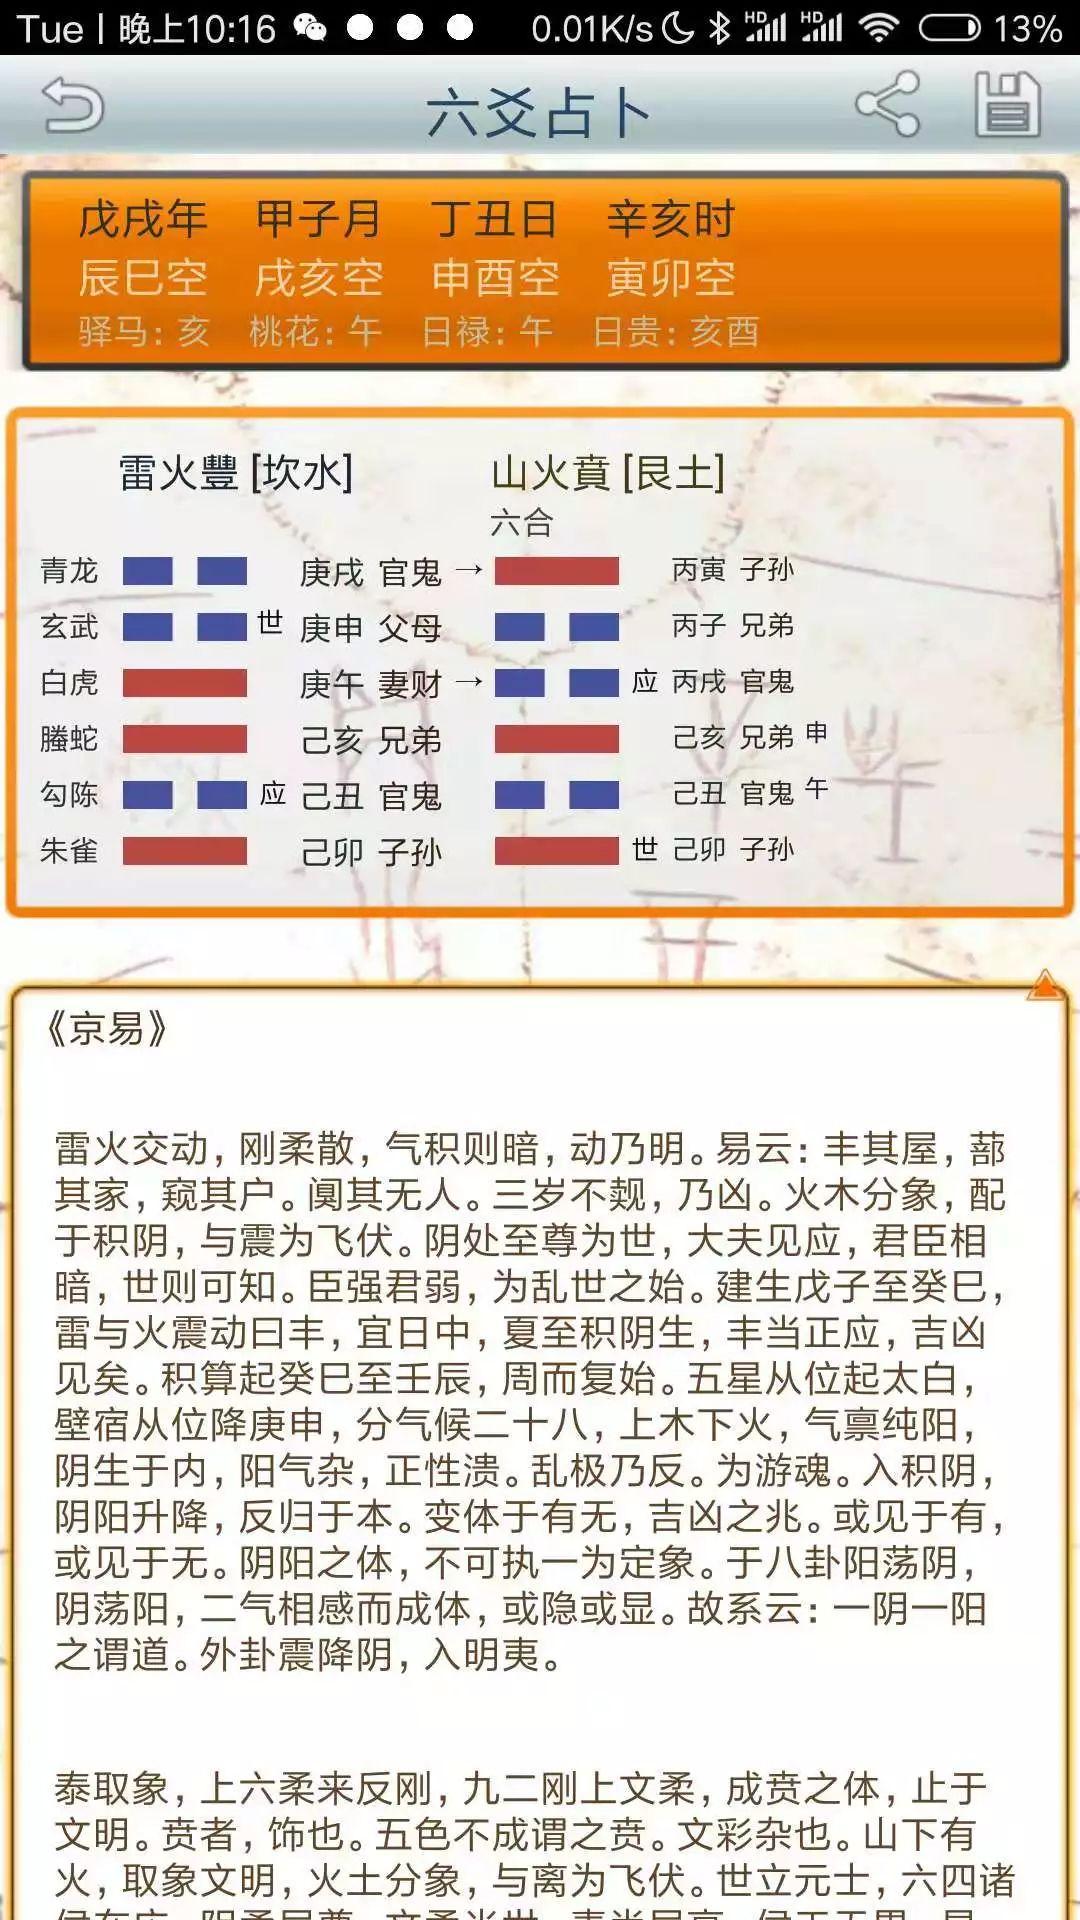 六爻预测孟晚舟事件后续如何发展?